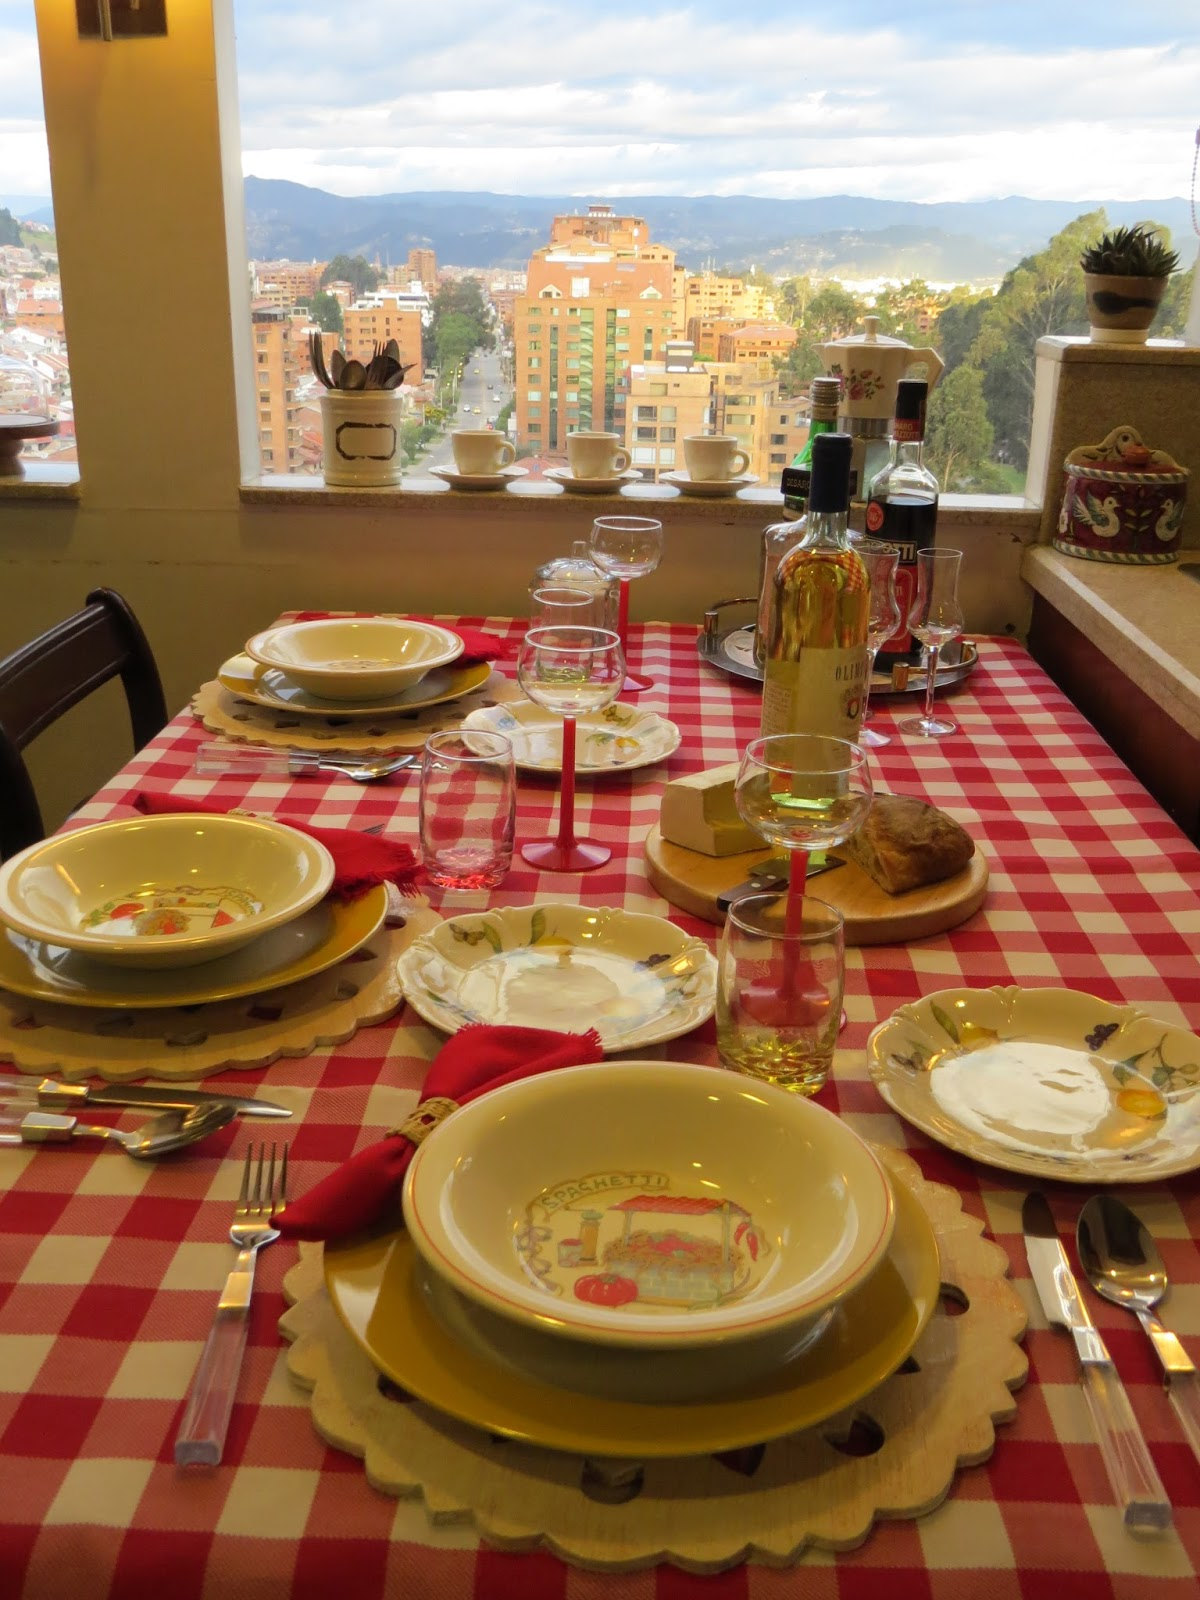 Fabby 39 s living fabby italian dinner in the kitchen part 2 for Italian dinner